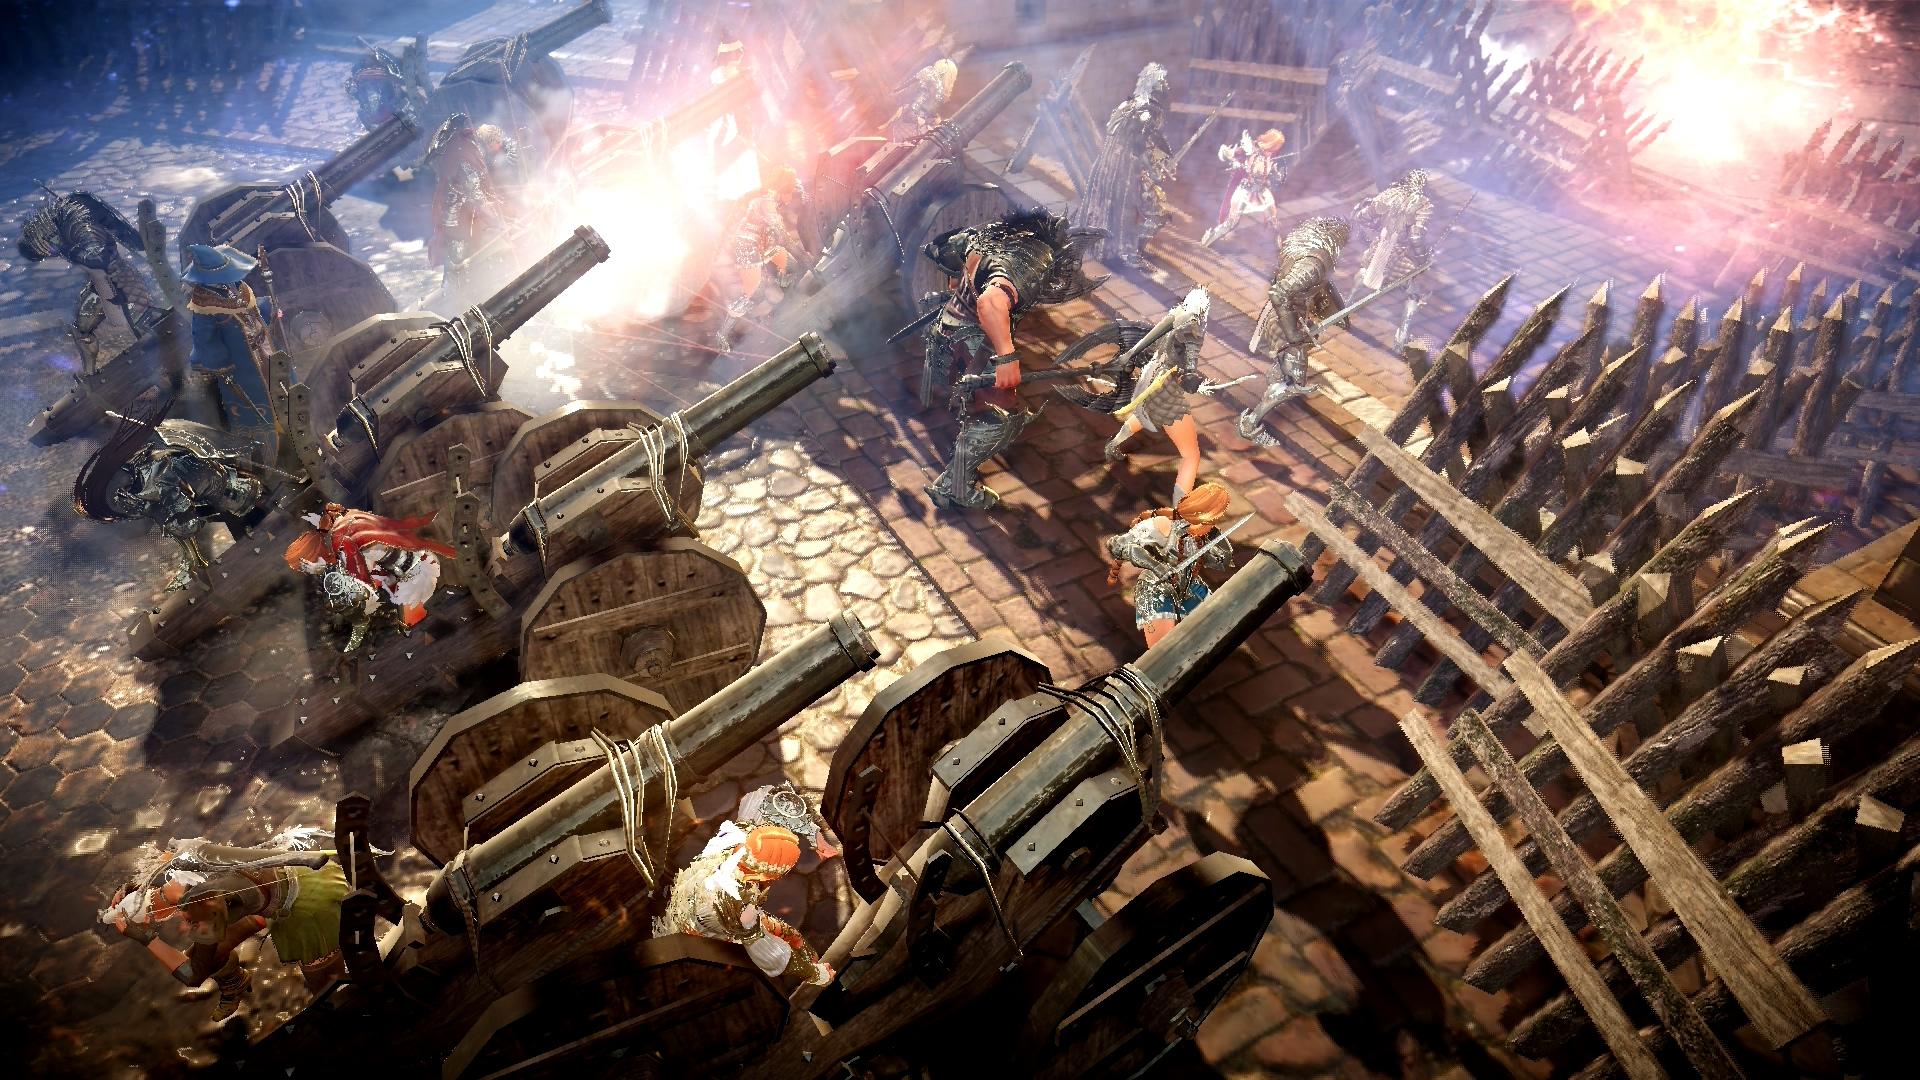 """画像集#002/MMORPG「黒い砂漠モバイル」でギルドバトル系のコンテンツ""""拠点戦""""のβテストがスタート。大型アップデートが本日実施"""